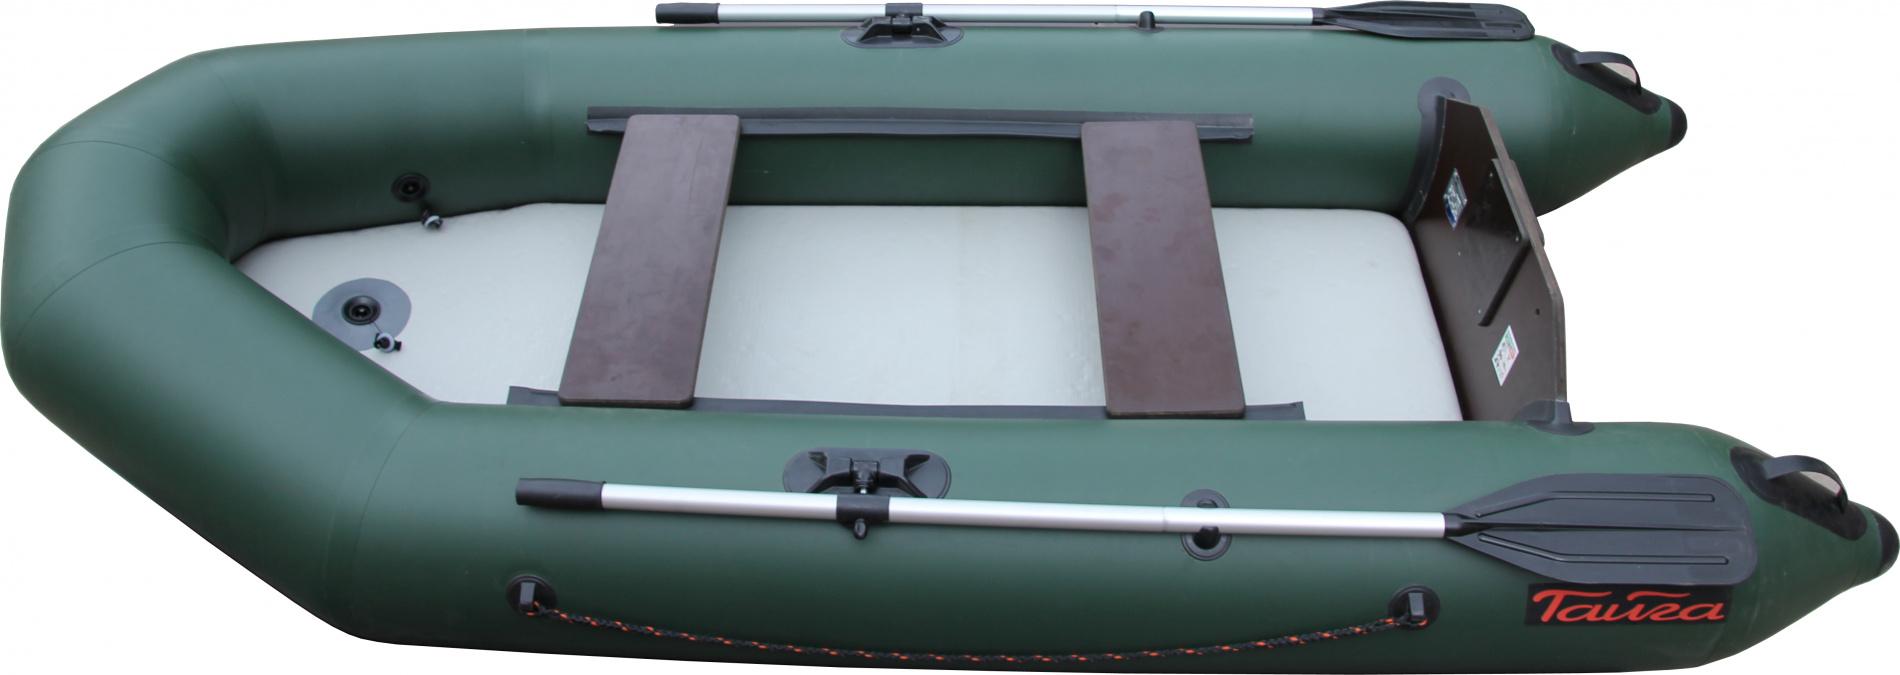 Лодка ПВХ Тайга-320 НД Airdeck (С-Пб)Моторные или под мотор<br>Лодка ТАЙГА-320 Airdeck – надувная моторная <br>лодка, совмещающая в себе возможности гребных <br>и моторных. У такой лодки имеется жестко <br>вклеенный (стационарный) транец из морской <br>фанеры, толщиной 18 мм.. Лодка легко выходит <br>в глиссирующее положение с моторами мощности <br>8-10 л.с Отличительная особенность – сплошной <br>надувной пол высокого давления (Airdeck). Дно <br>выполнено из ламинированного текстиля <br>с использованием армировки из нитей. Благодаря <br>такой конструкции надувная лодка становится <br>легче (примерно на 7 кг), а значит, её легче <br>транспортировать, что является несомненным <br>плюсом. Быстрая и простая сборка, и разборка <br>лодок , надувное дно можно извлечь из лодки <br>в любой момент. Надувное дно лодки универсально, <br>его можно использовать как ложе в палатке, <br>или в качестве надувного матраса для купания. <br>А в том случае, если один из баллонов начал <br>пропускать воздух, airdeck оставит дно ровным. <br>Конструкция дна получается довольно жёсткой <br>и прочной, что позволяет без опасений встать <br>на дно лодки. Специальная помпа с двумя <br>камерами входит в комплект. Для накачки <br>баллона лодки - давление 0,2 атм, для накачки <br>надувного дна высокого давления (Airdeck) - <br>давление 0,8 атм. - Лодка «ТАЙГА» состоит <br>из одного замкнутого баллона, разделенного <br>перегородками на 3 отсека, что позволит <br>лодке остаться на плаву даже при случайном <br>проколе баллона. - Корпус лодки «ТАЙГА» <br>изготавливается из 5-ти слойной ткани ПВХ <br>корейского производства MIRASOL, являющейся <br>одной из лучших на рынке. Используется ткань <br>плотностью 750 г/м.кв. Реальный срок службы <br>лодки из ПВХ составляет больше 15 лет. Лодки <br>из ПВХ не требуют специальной обработки <br>после использования и на период хранения. <br>- швы лодки соединены современным методом <br>«горячей сварки». Ткань соединяется встык, <br>с проклейкой с двух сторон лента